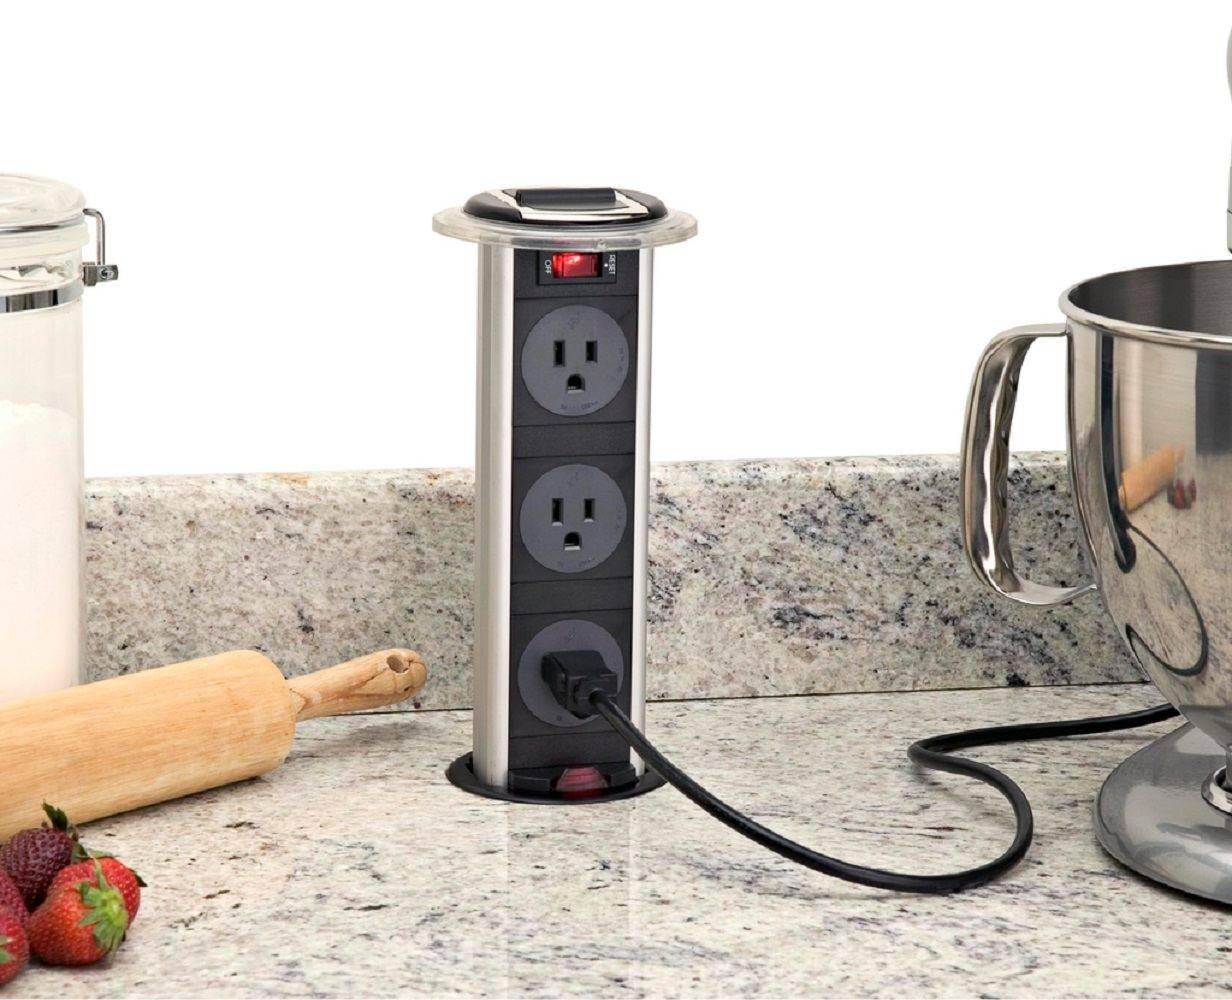 Розетки на кухне - схемы идеального расположения, высоты и количества розеток